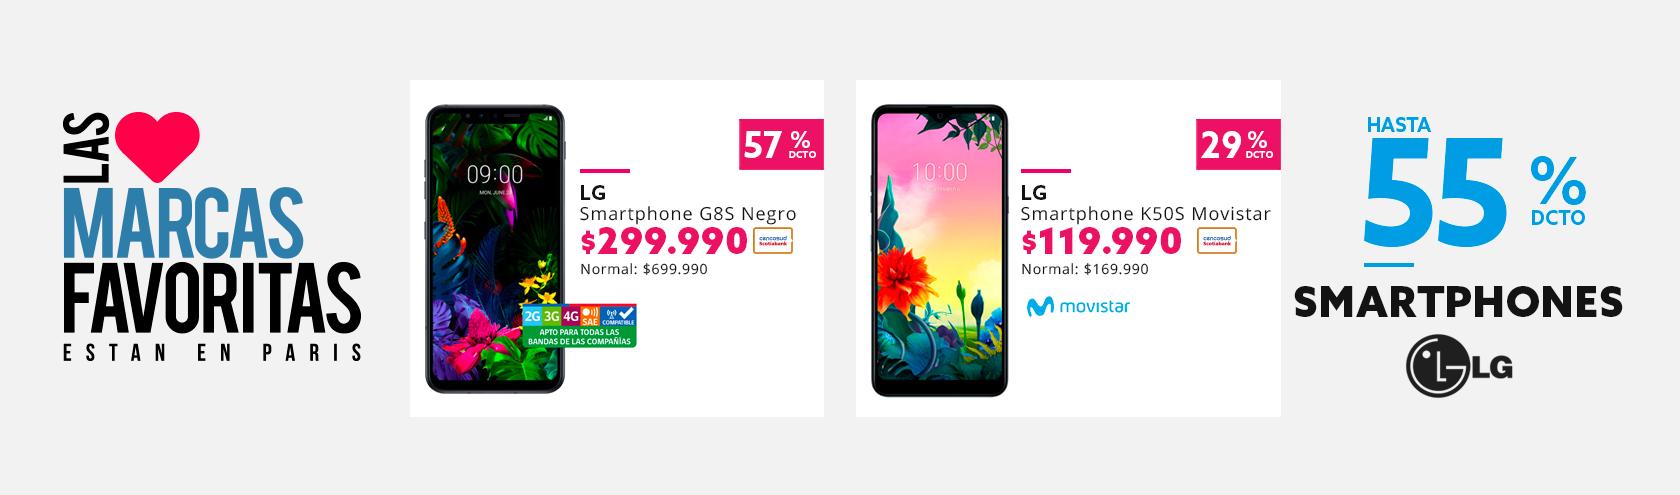 Hasta 55% de dcto en celulares LG con Tarjeta Cencosud